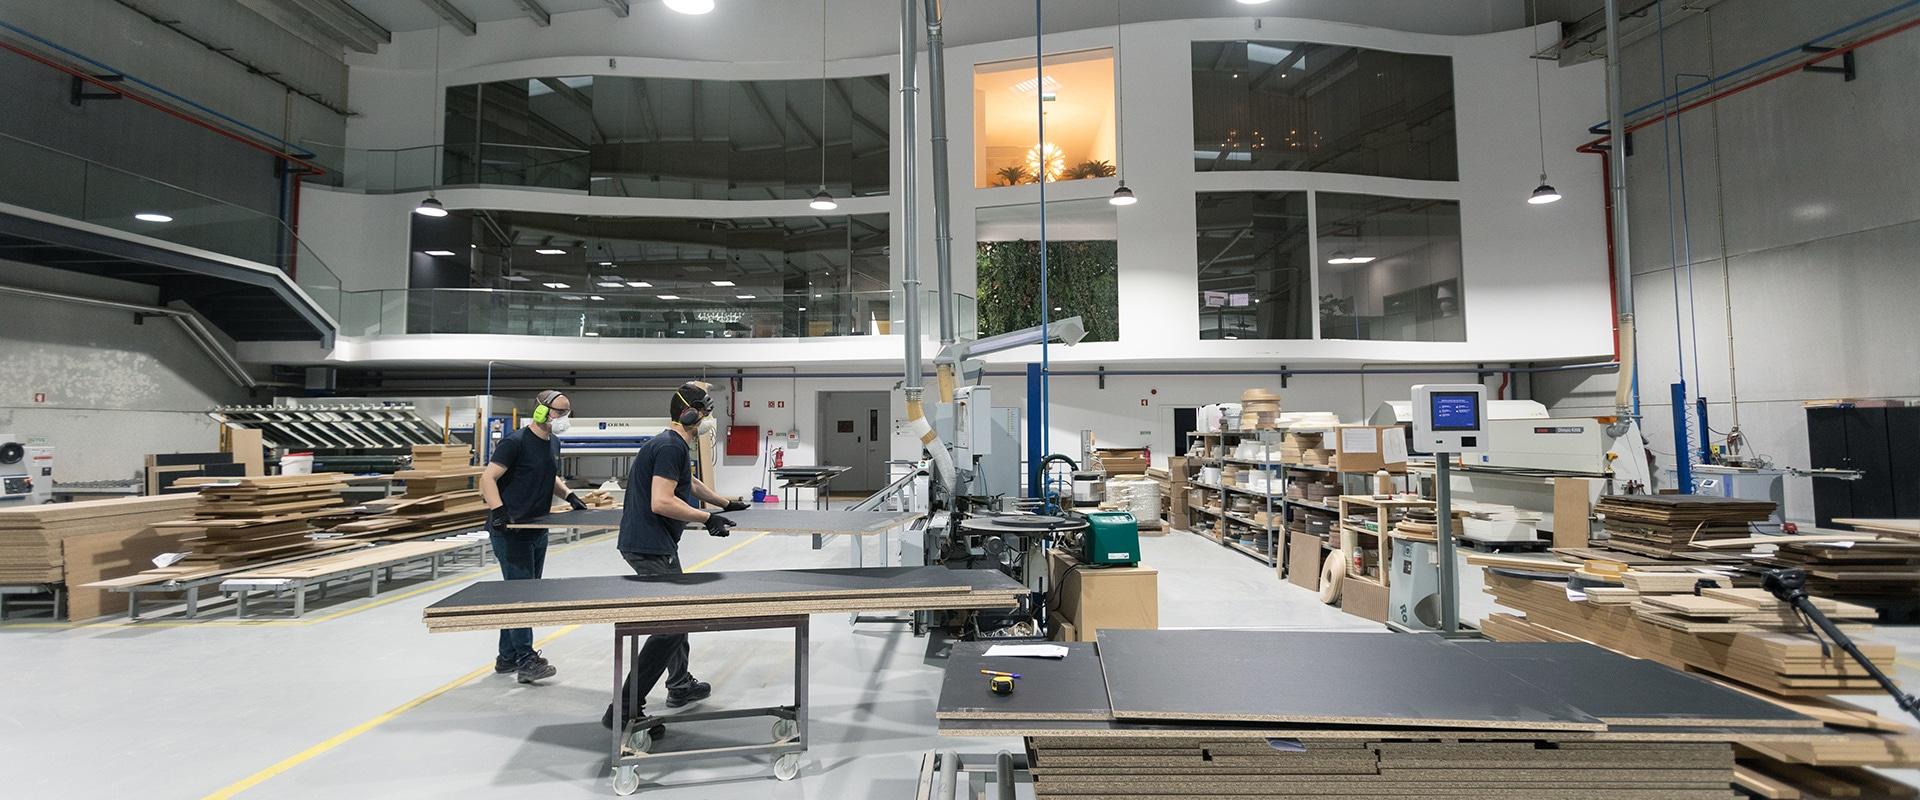 Dentro de la fábrica Novibelo